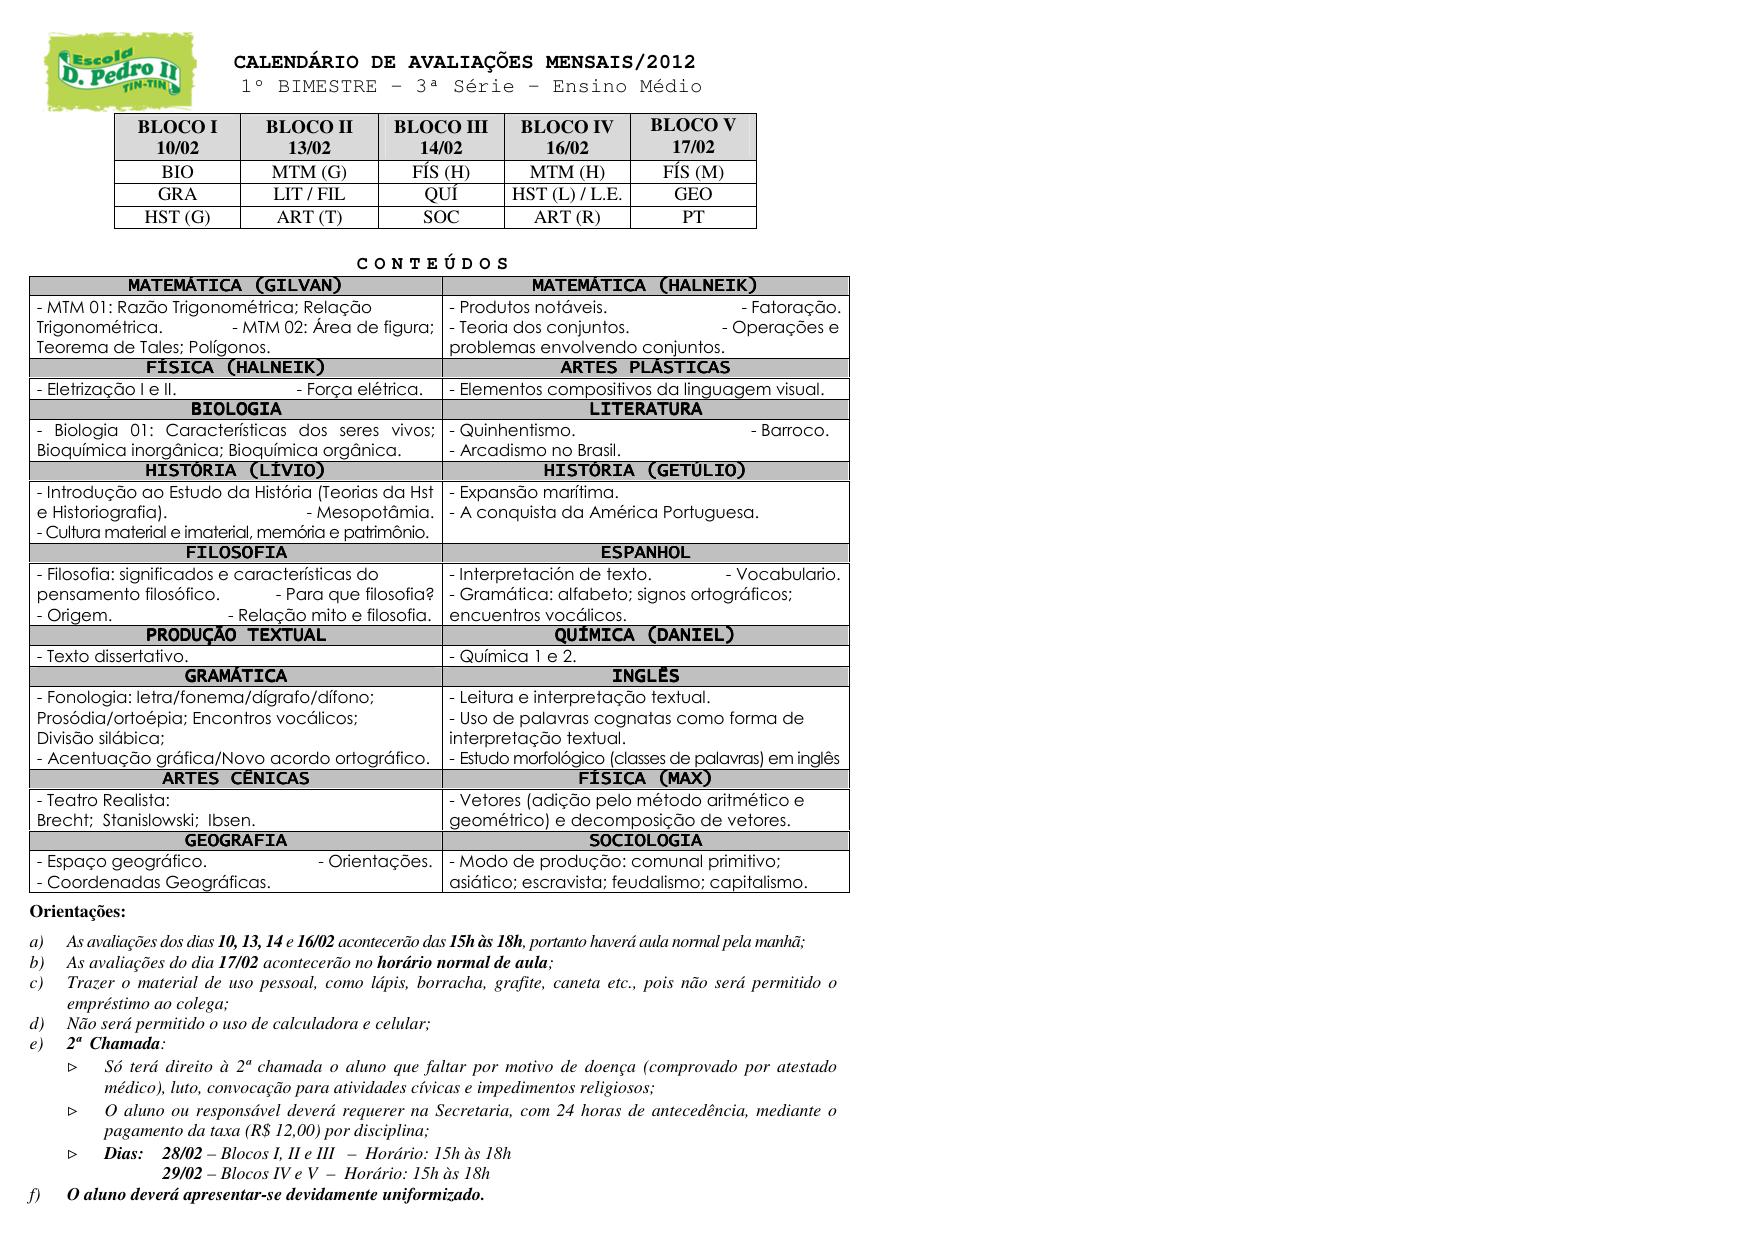 Fis Calendario.Calendario De Avaliacoes Mensais